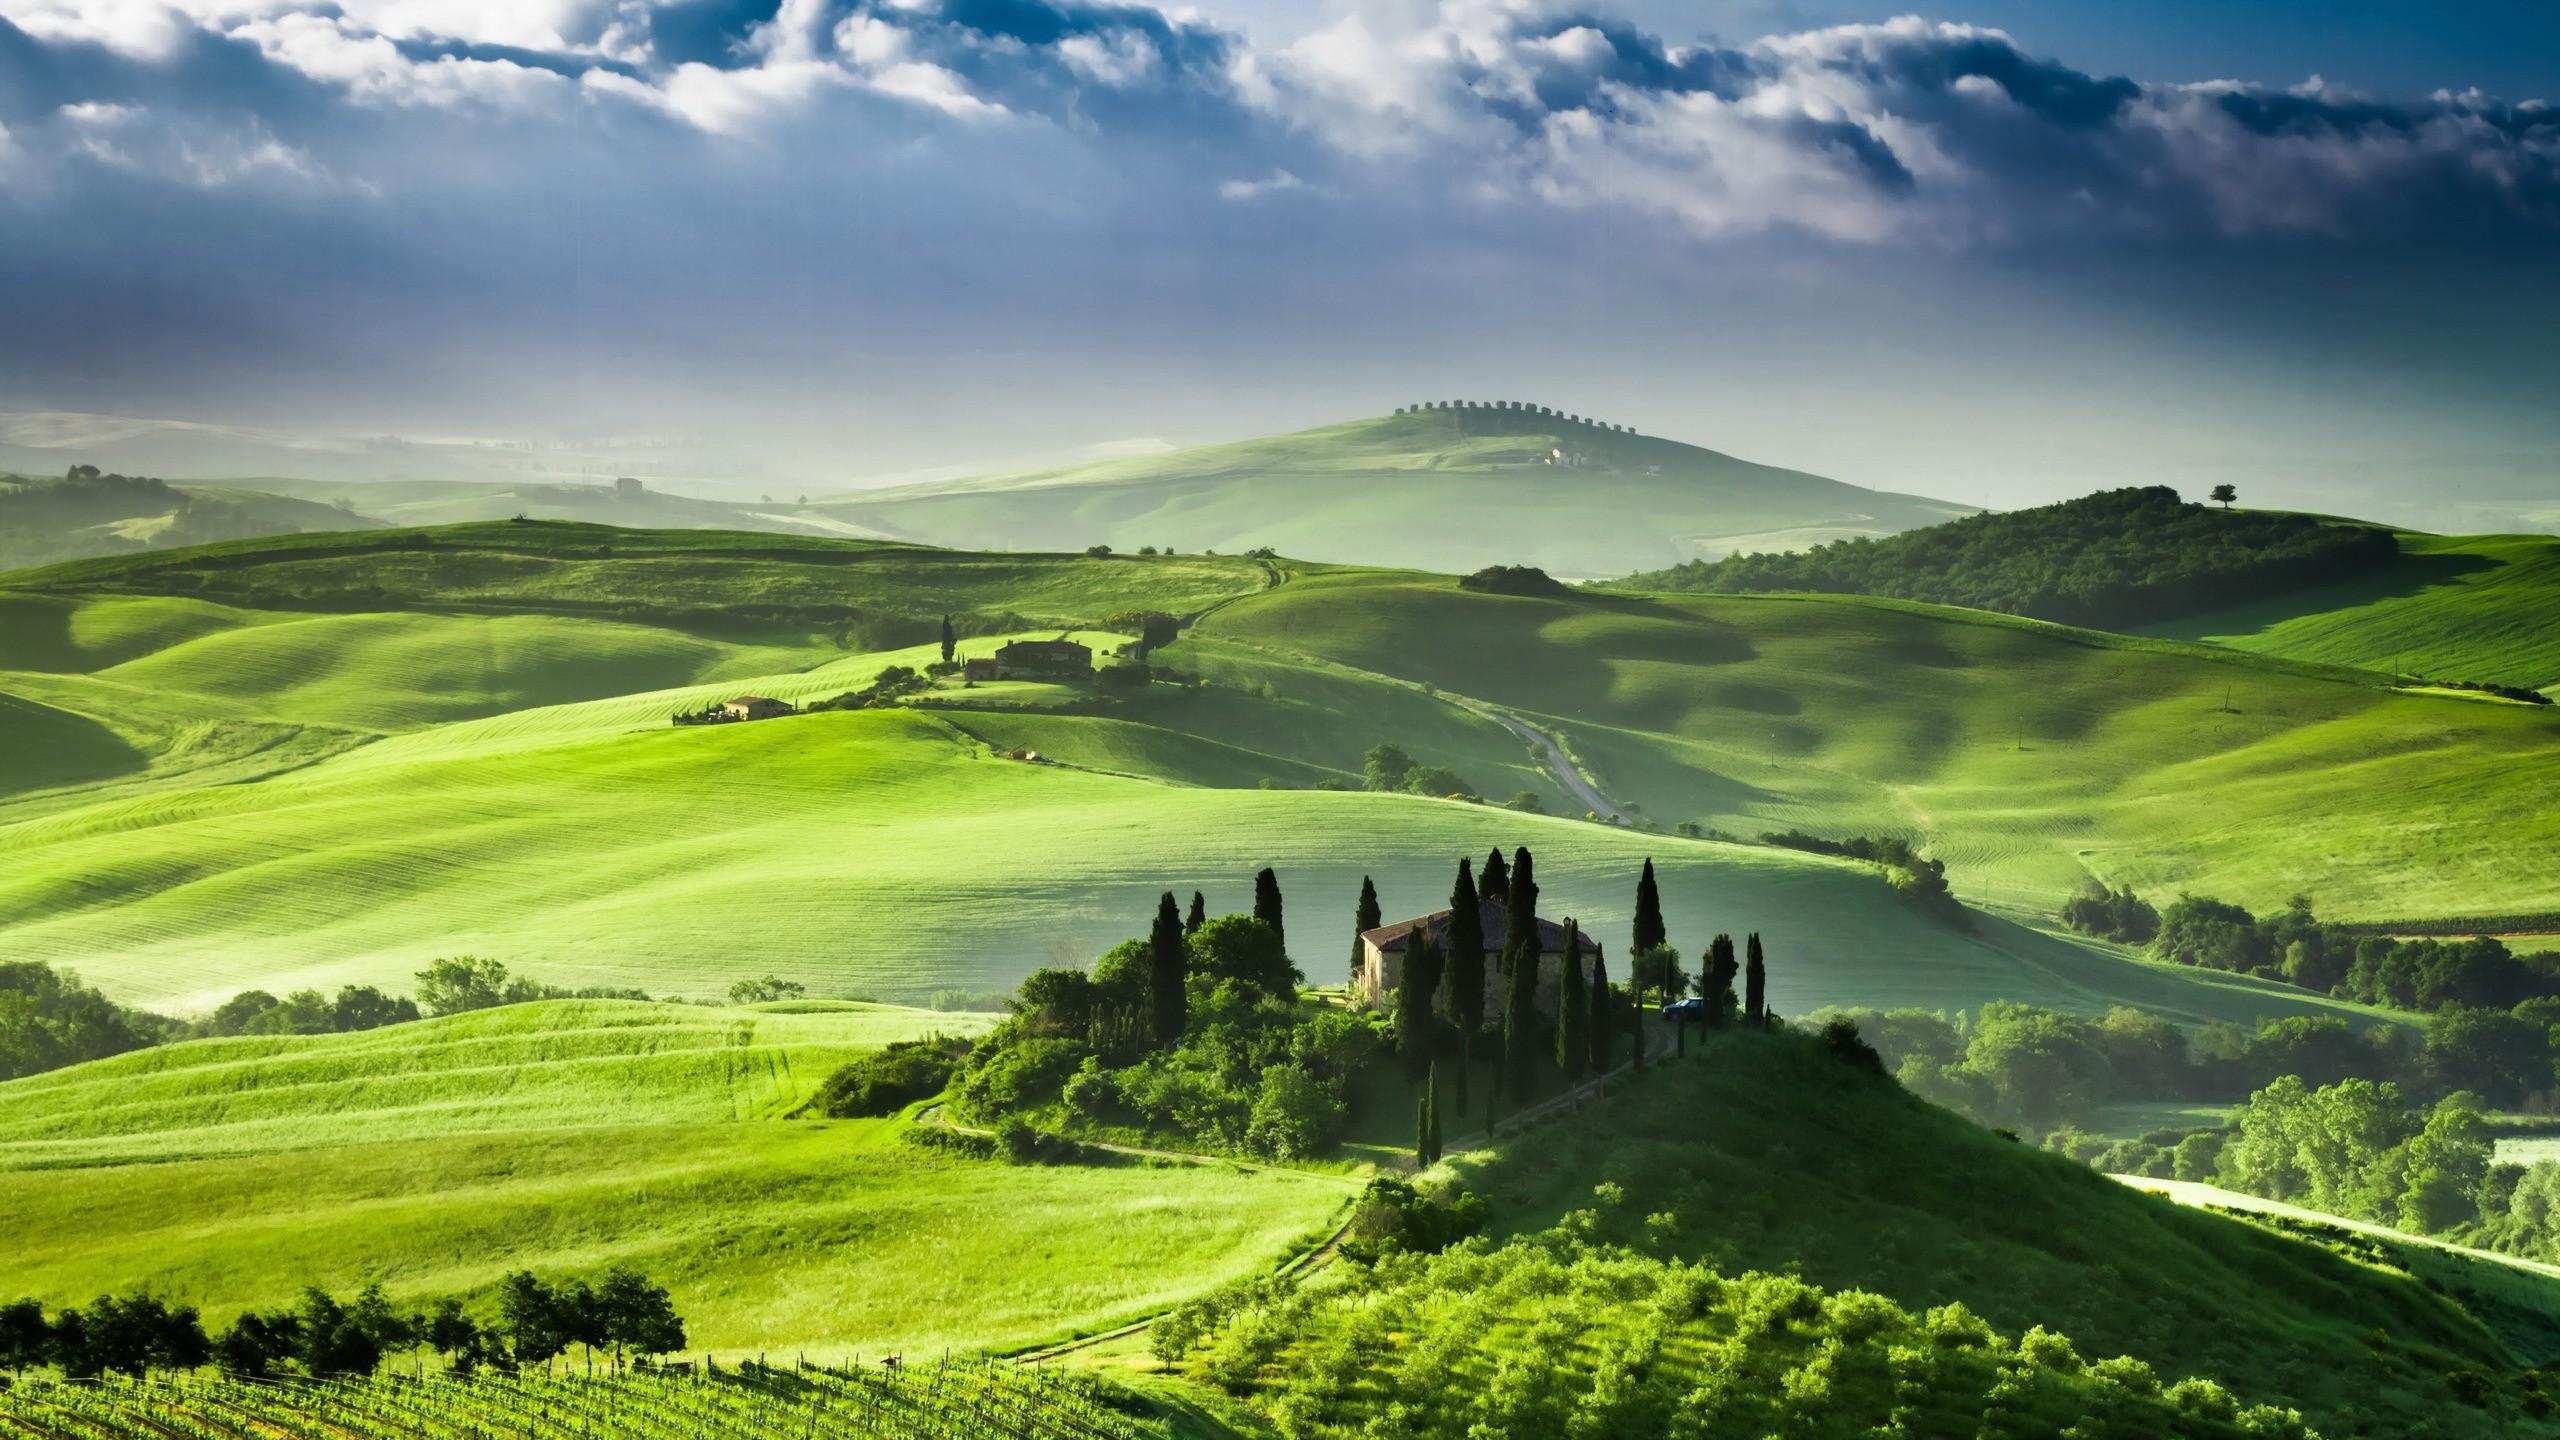 2560x1440 wallpaper landscape - photo #11